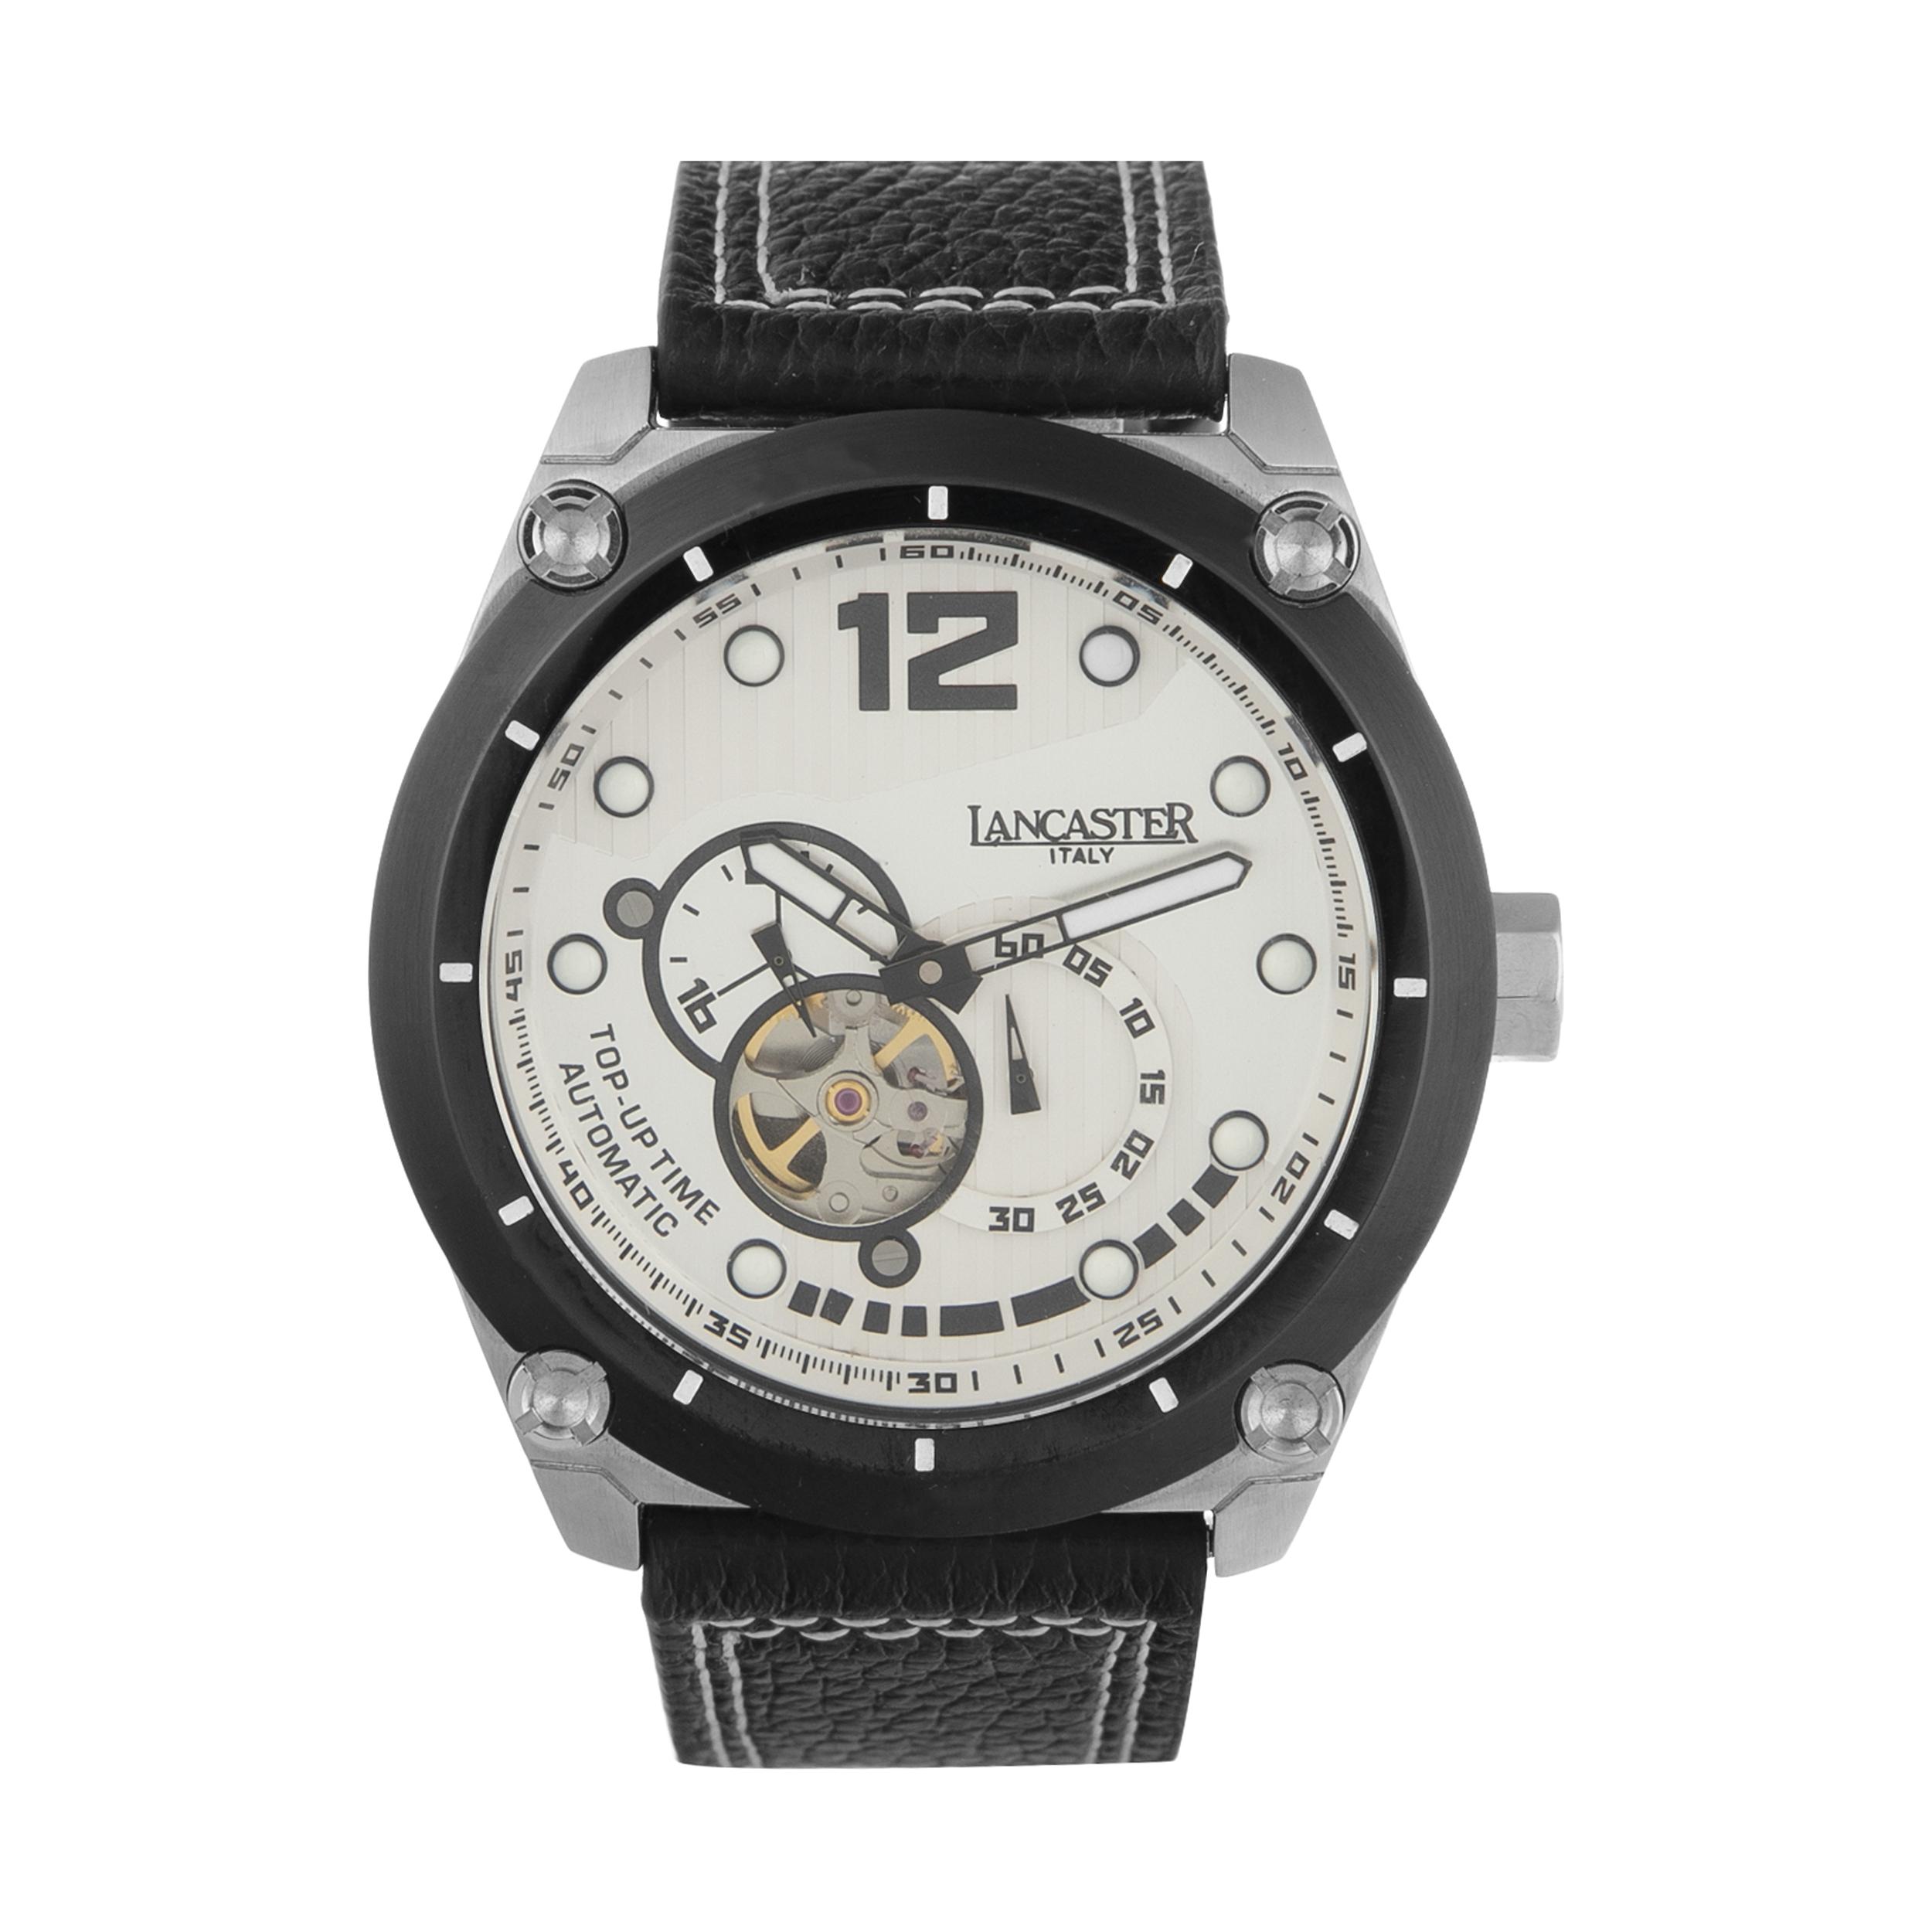 ساعت مچی عقربه ای مردانه لنکستر مدل 383LBN کد 106